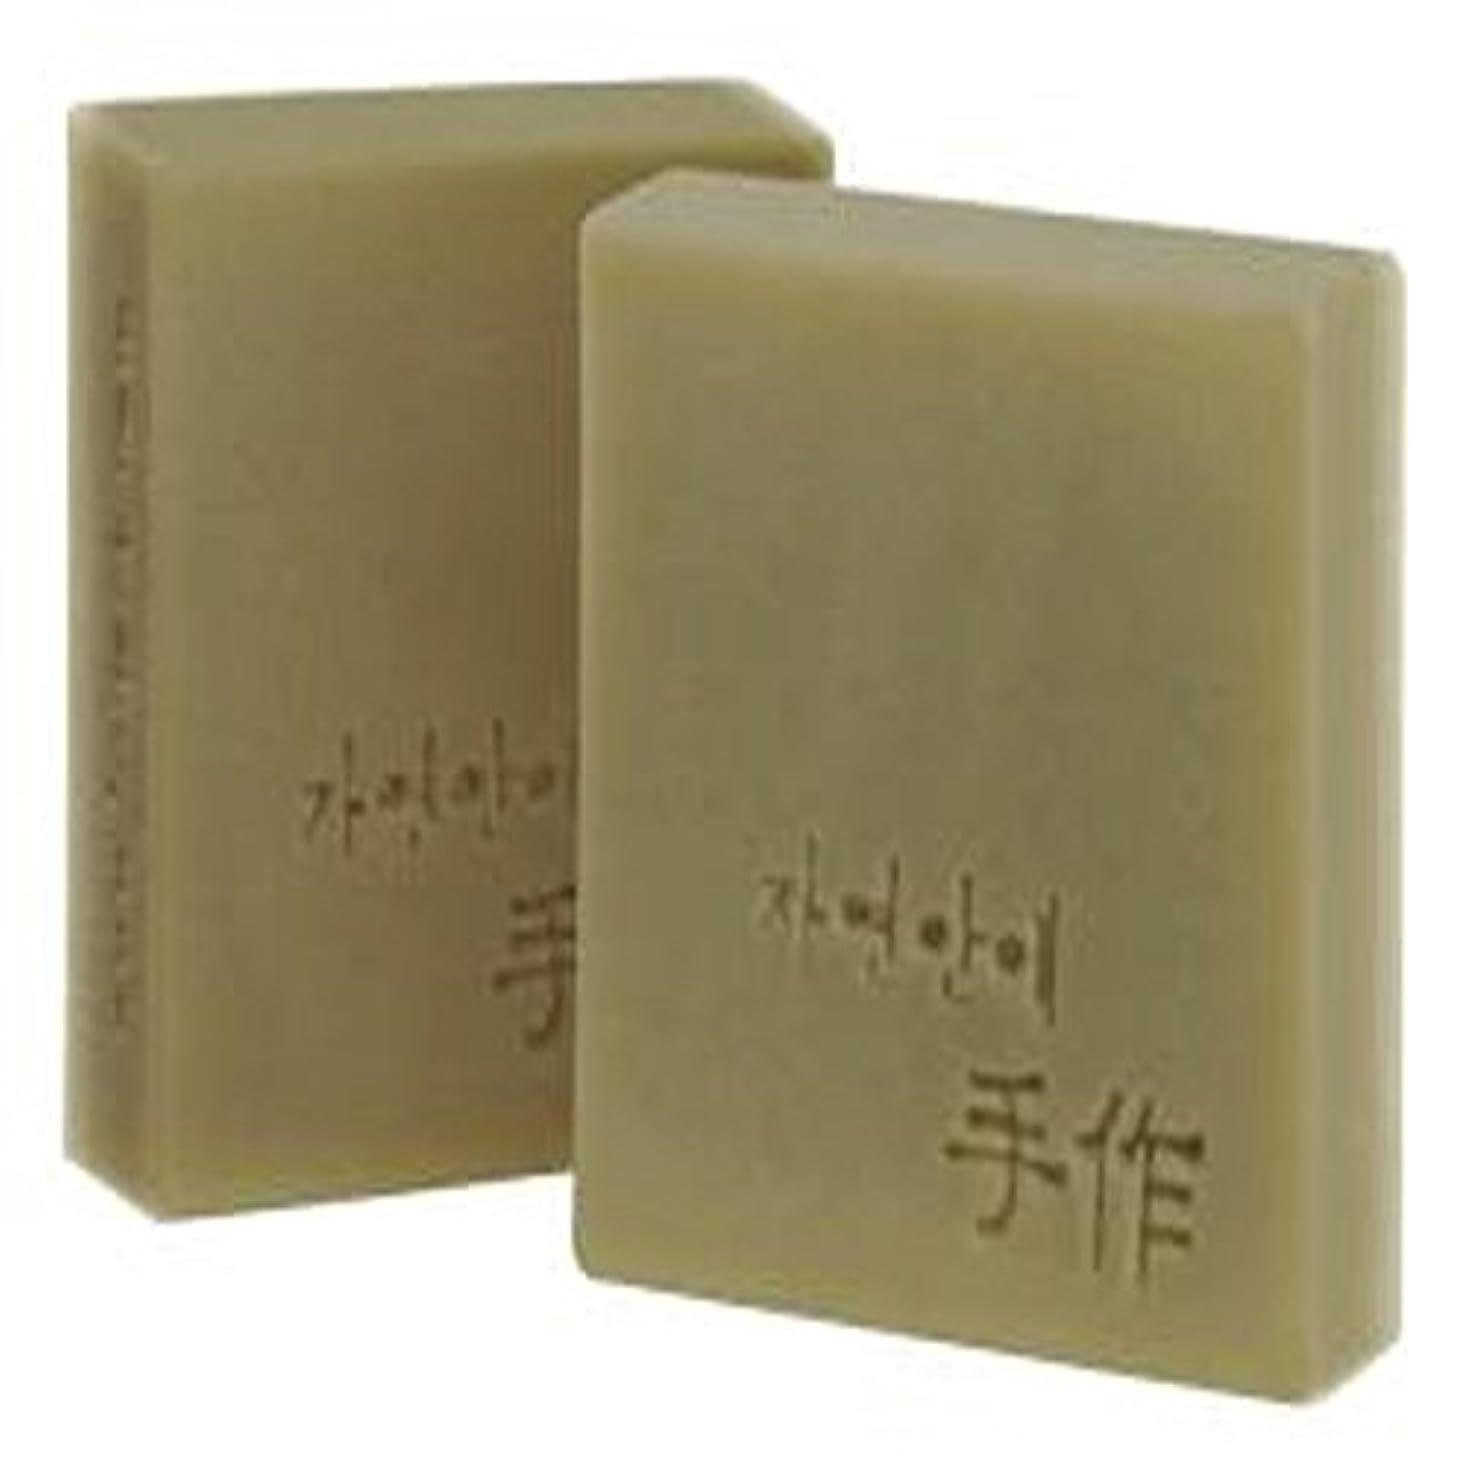 Natural organic 有機天然ソープ 固形 無添加 洗顔せっけんクレンジング 石鹸 [並行輸入品] (アプリコット)